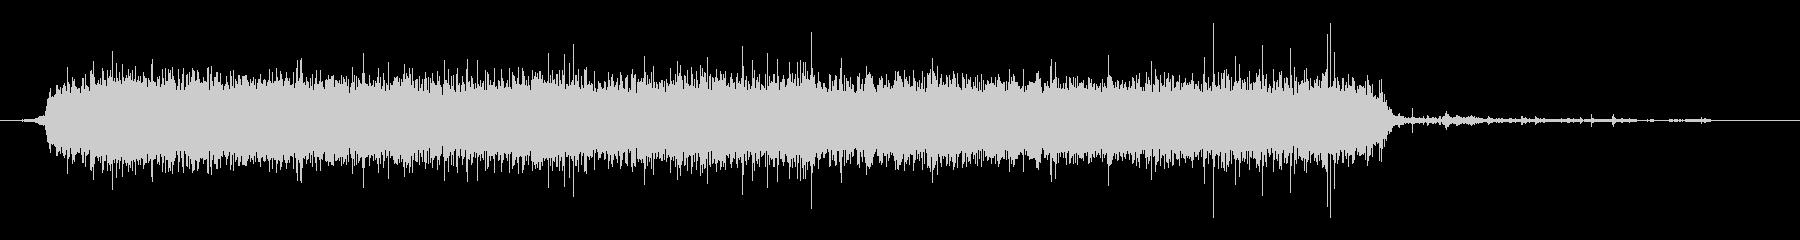 水 タップフローウルトラハードロング03の未再生の波形